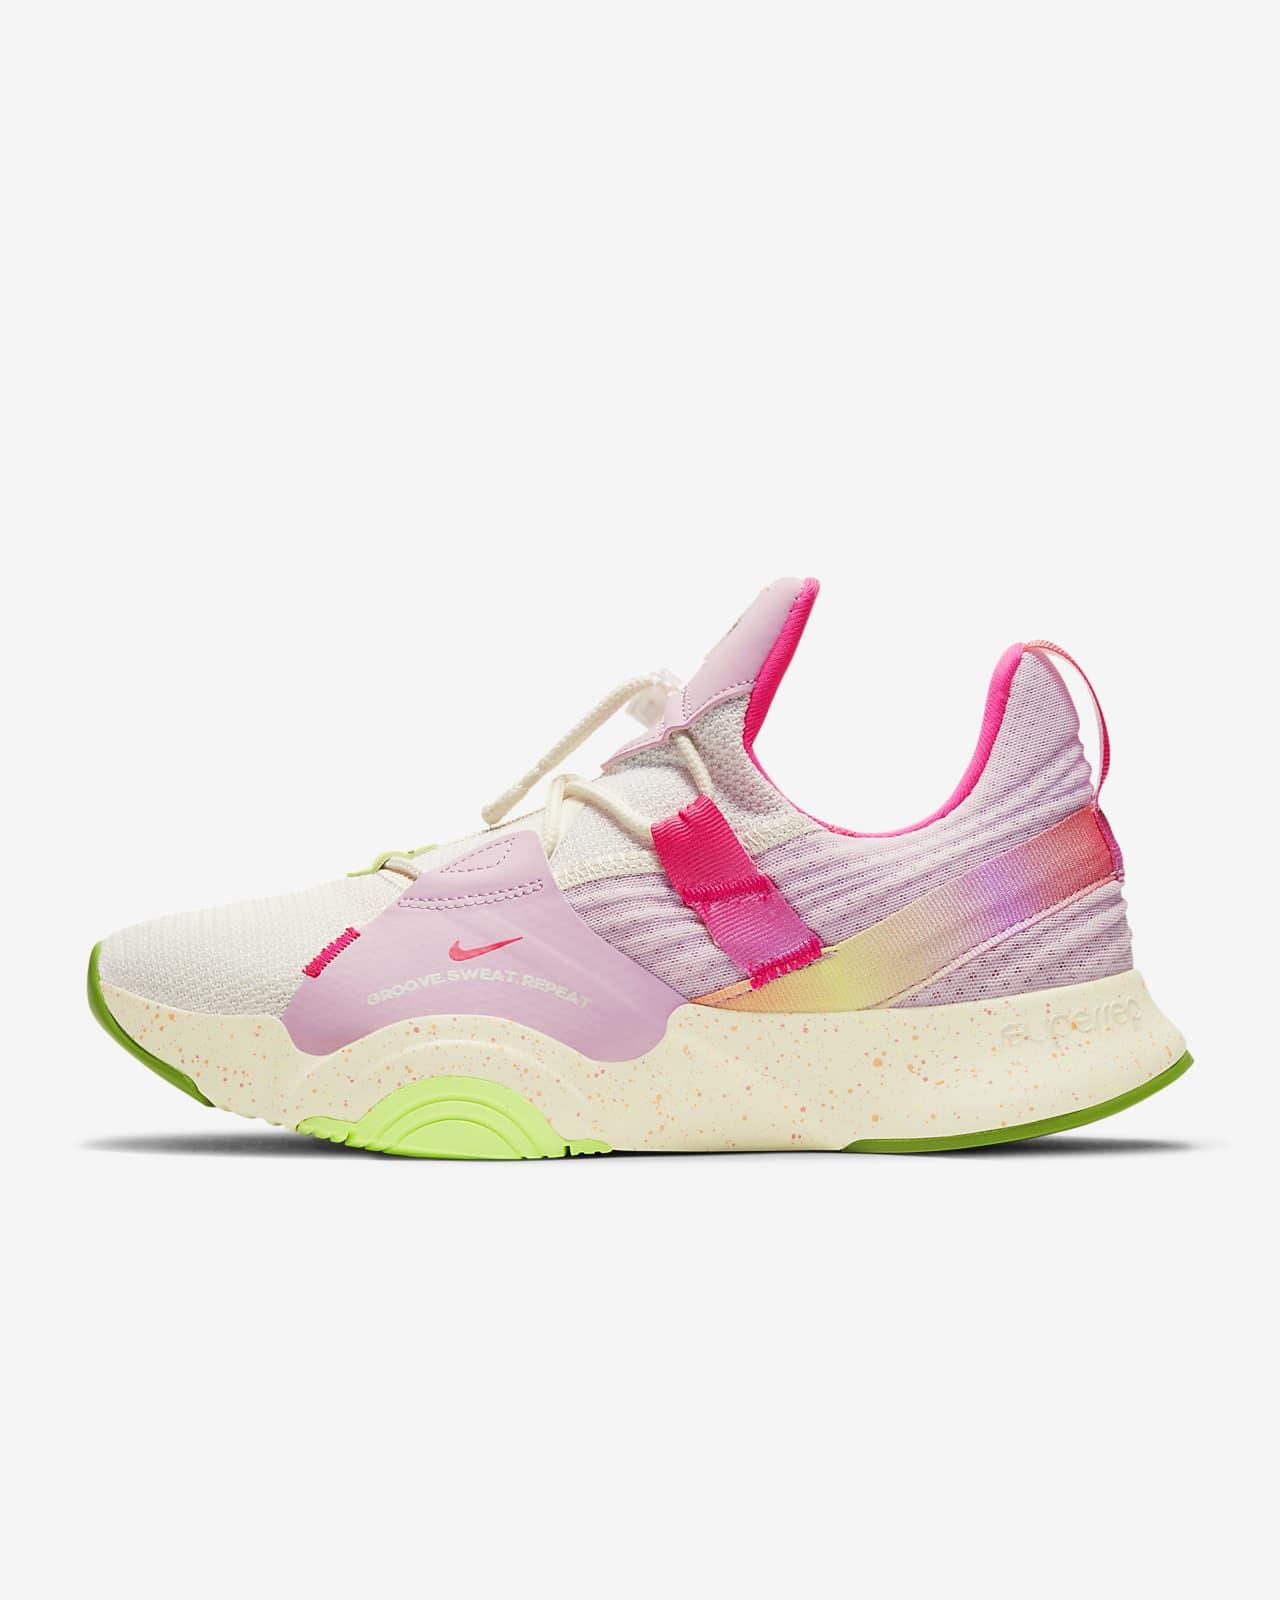 Nike SuperRep Groove 女子训练鞋